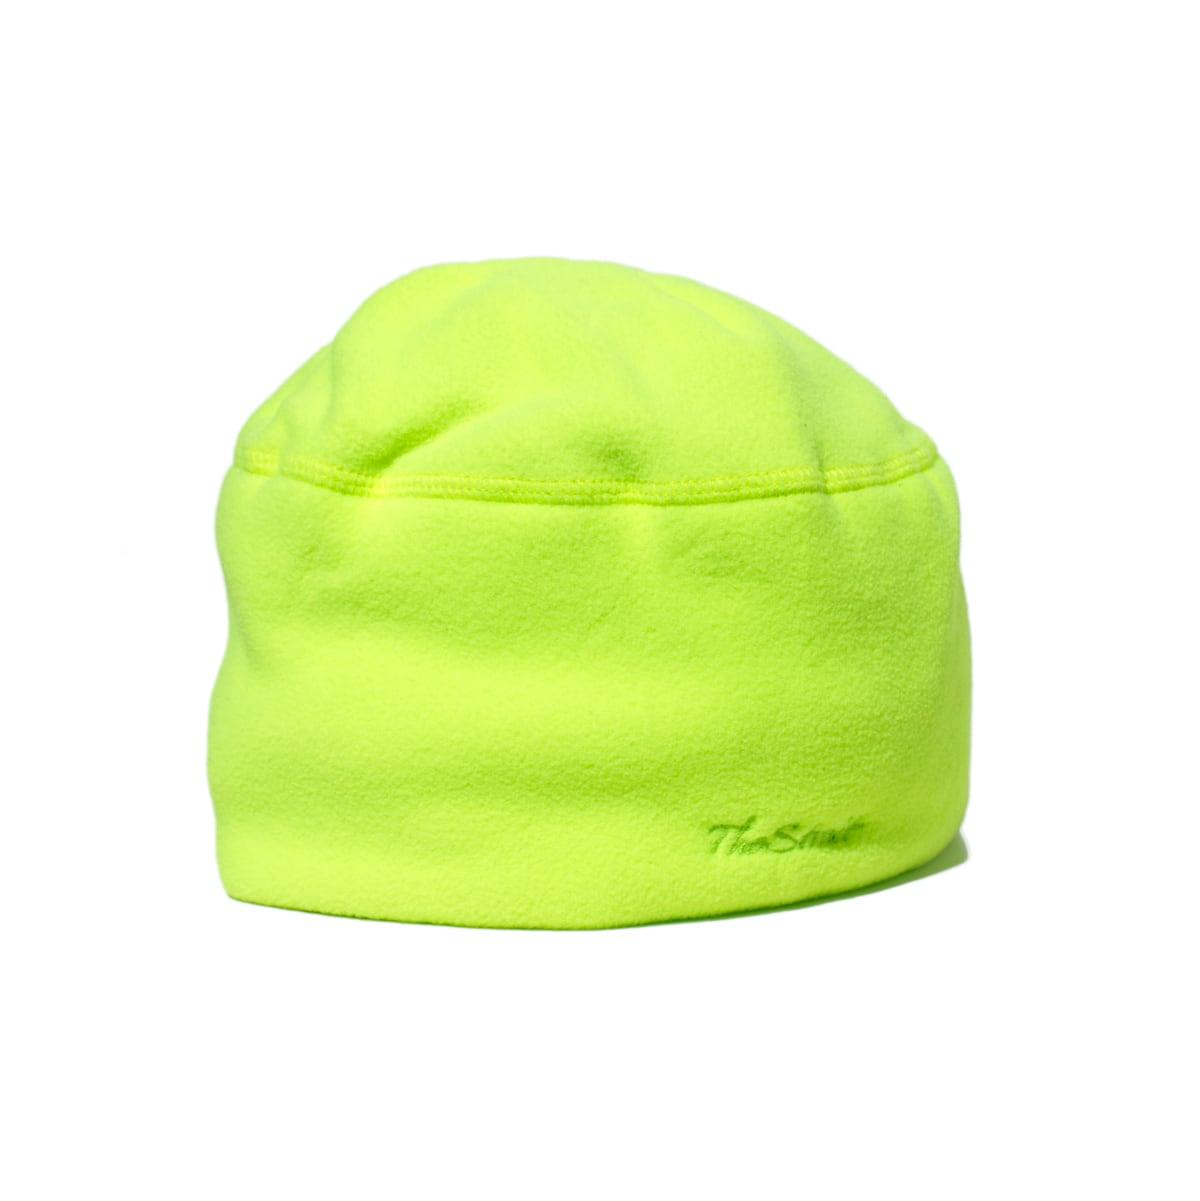 Polar Fleece Watch Cap #SAFETY GREEN